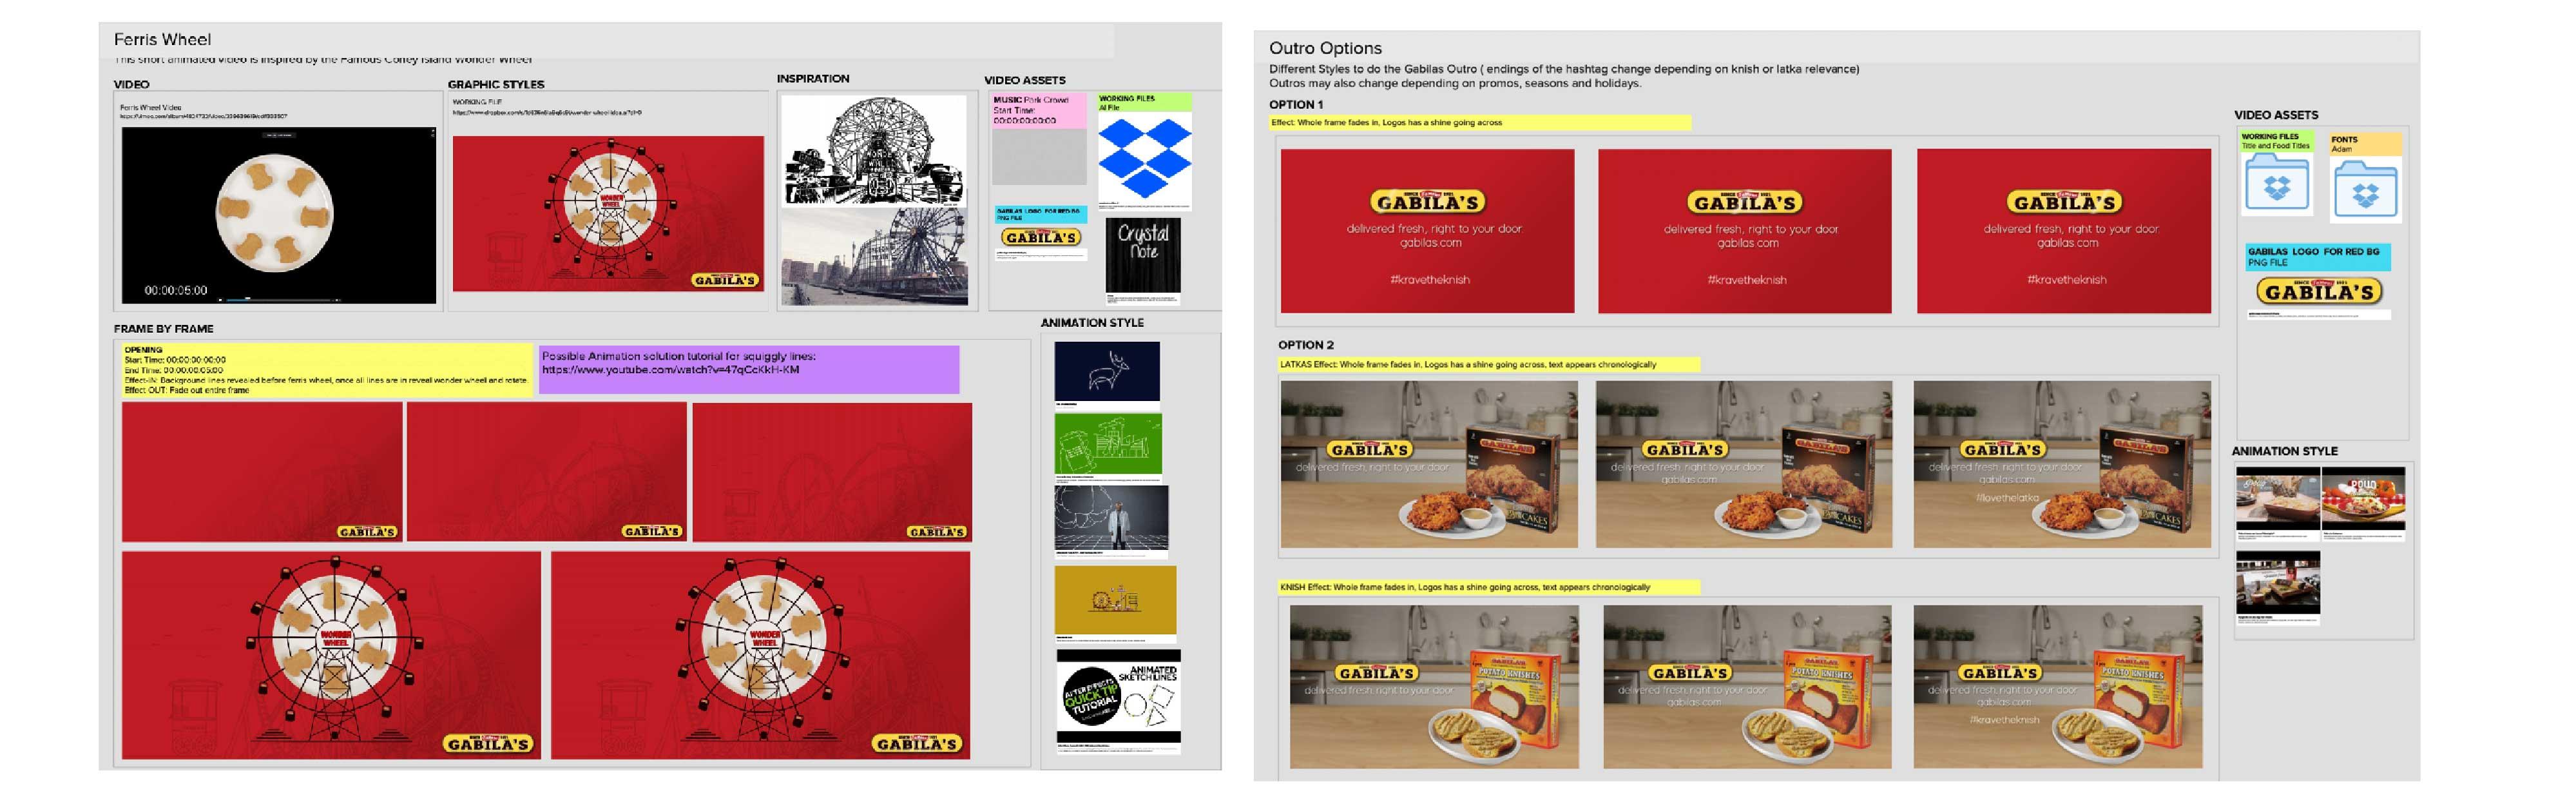 gabilas-portfolio-murals-12